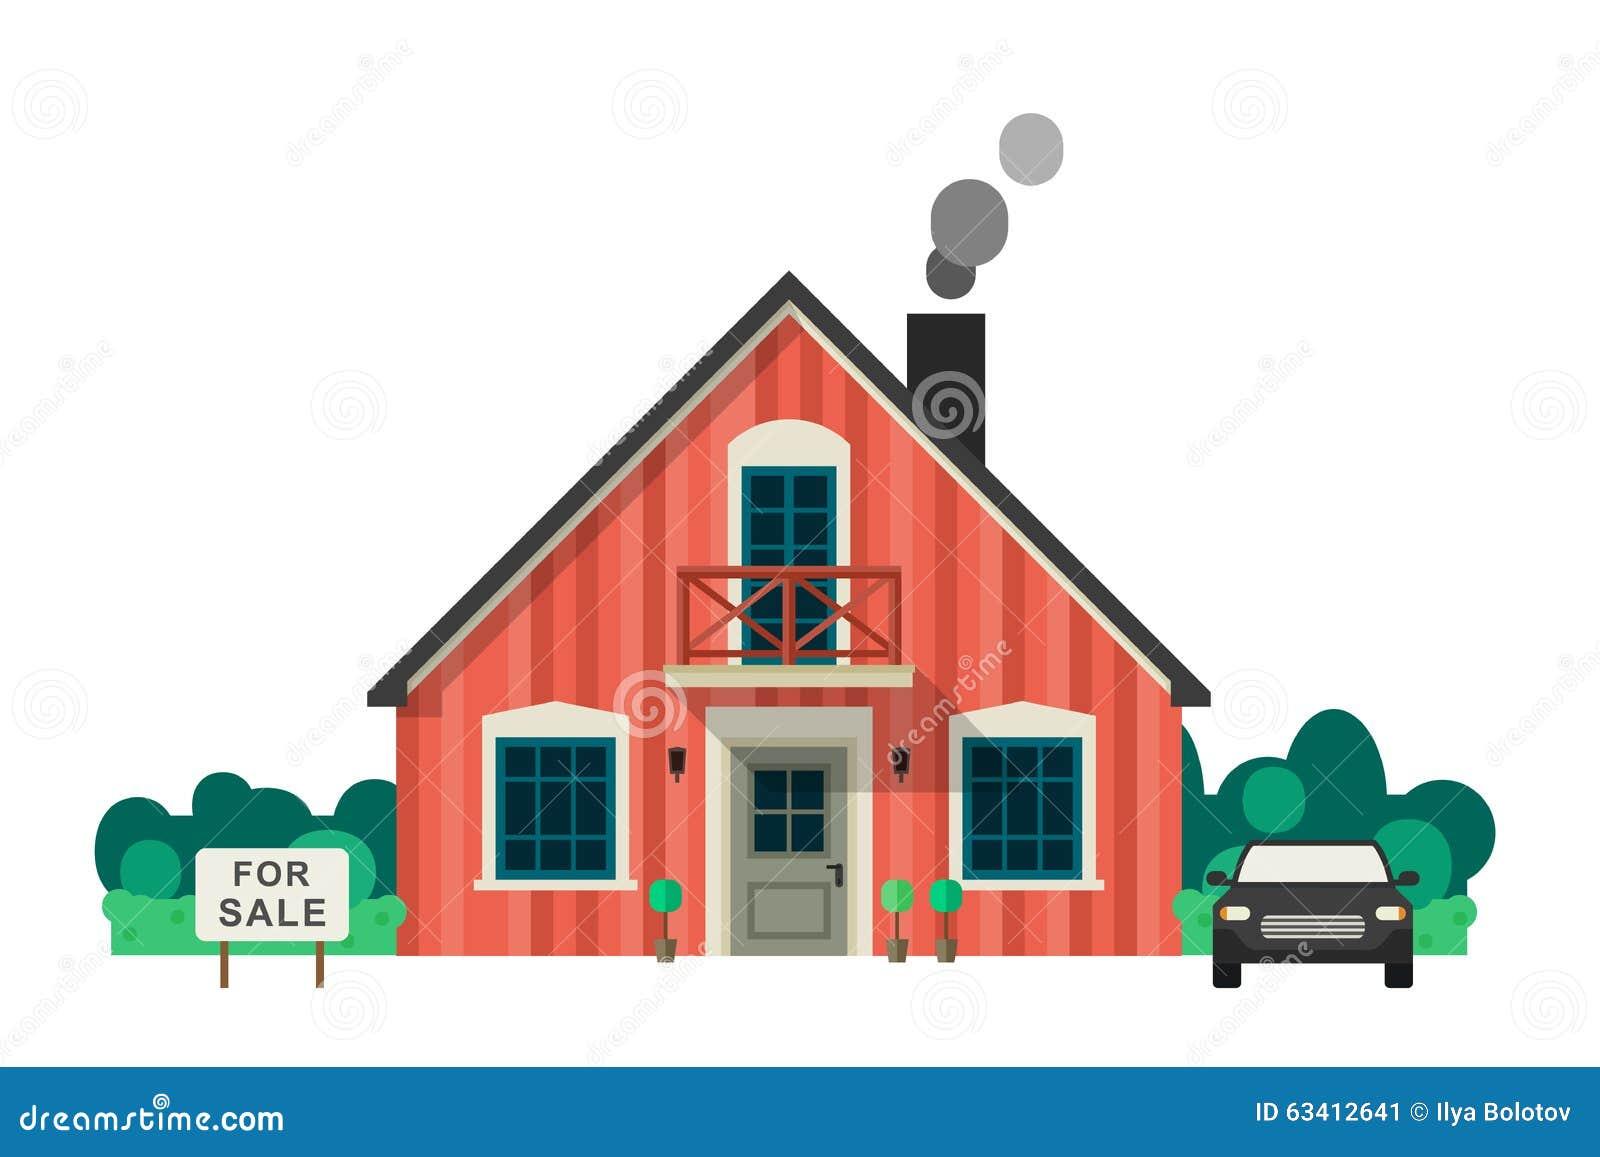 Huis voor verkoop vector illustratie illustratie for Huis aantrekkelijk maken voor verkoop